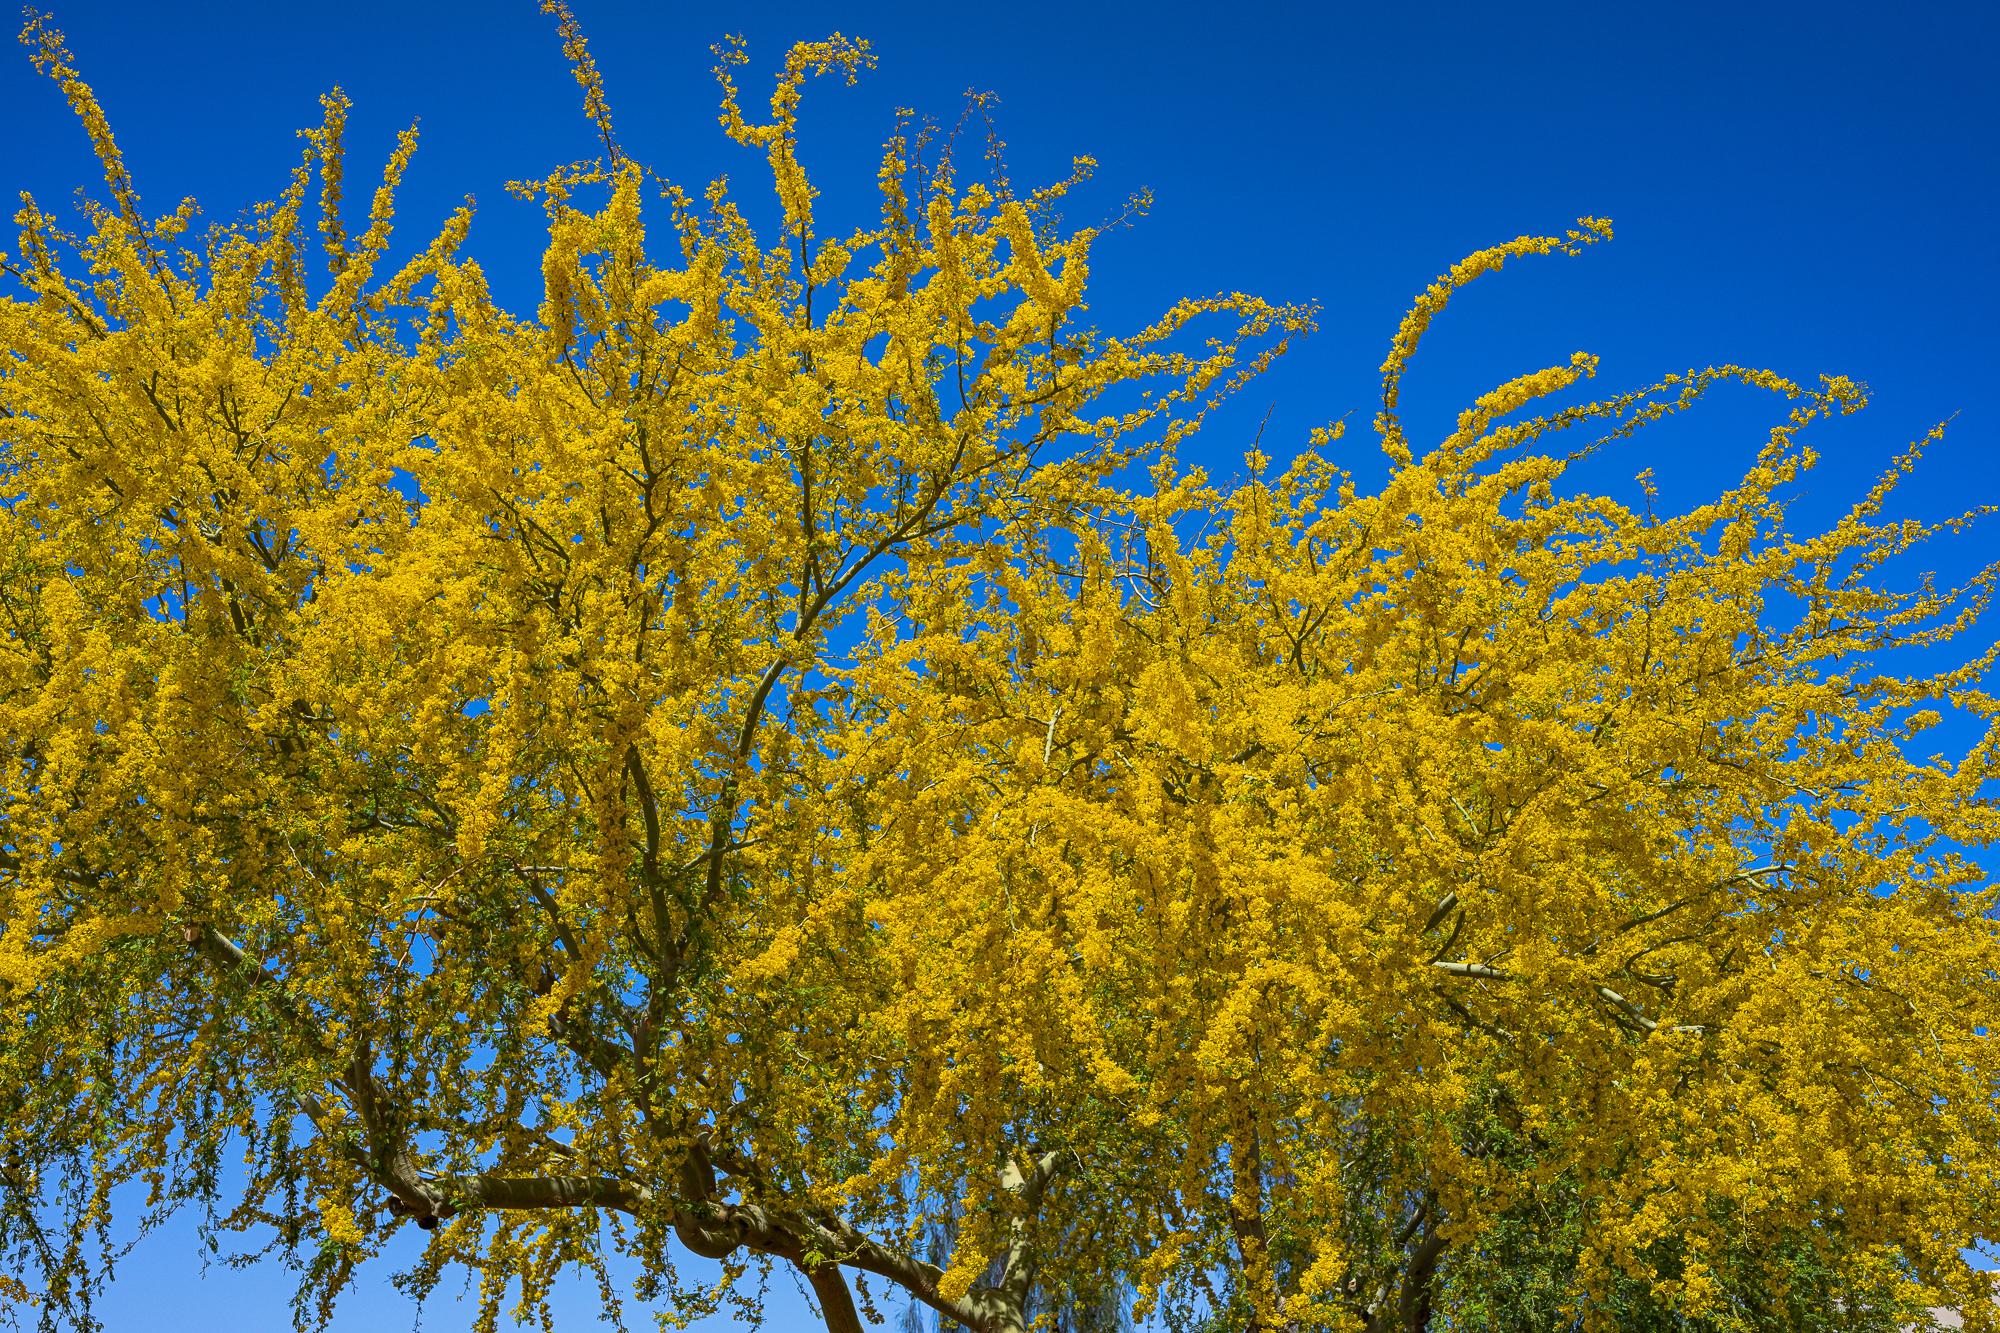 Palo Verde Trees in Bloom, Phoenix, AZ